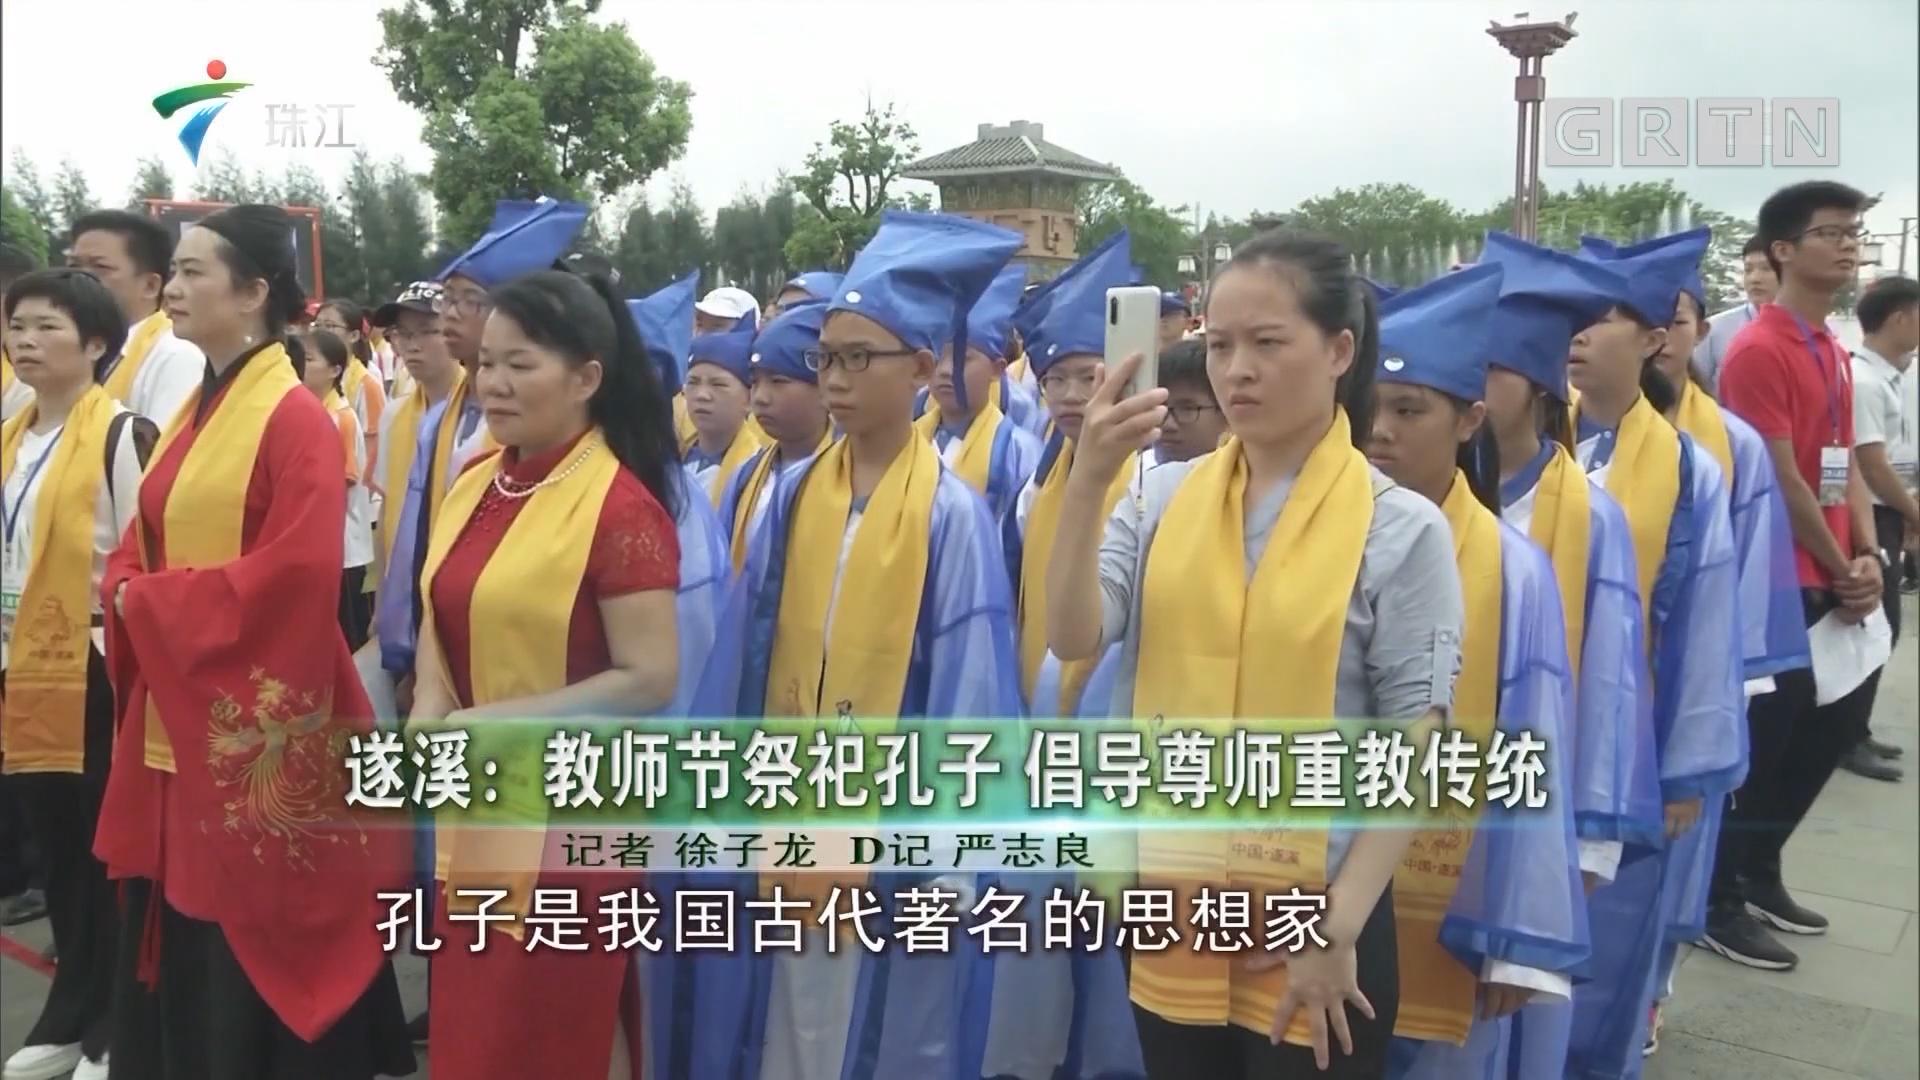 遂溪:教師節祭祀孔子 倡導尊師重教傳統